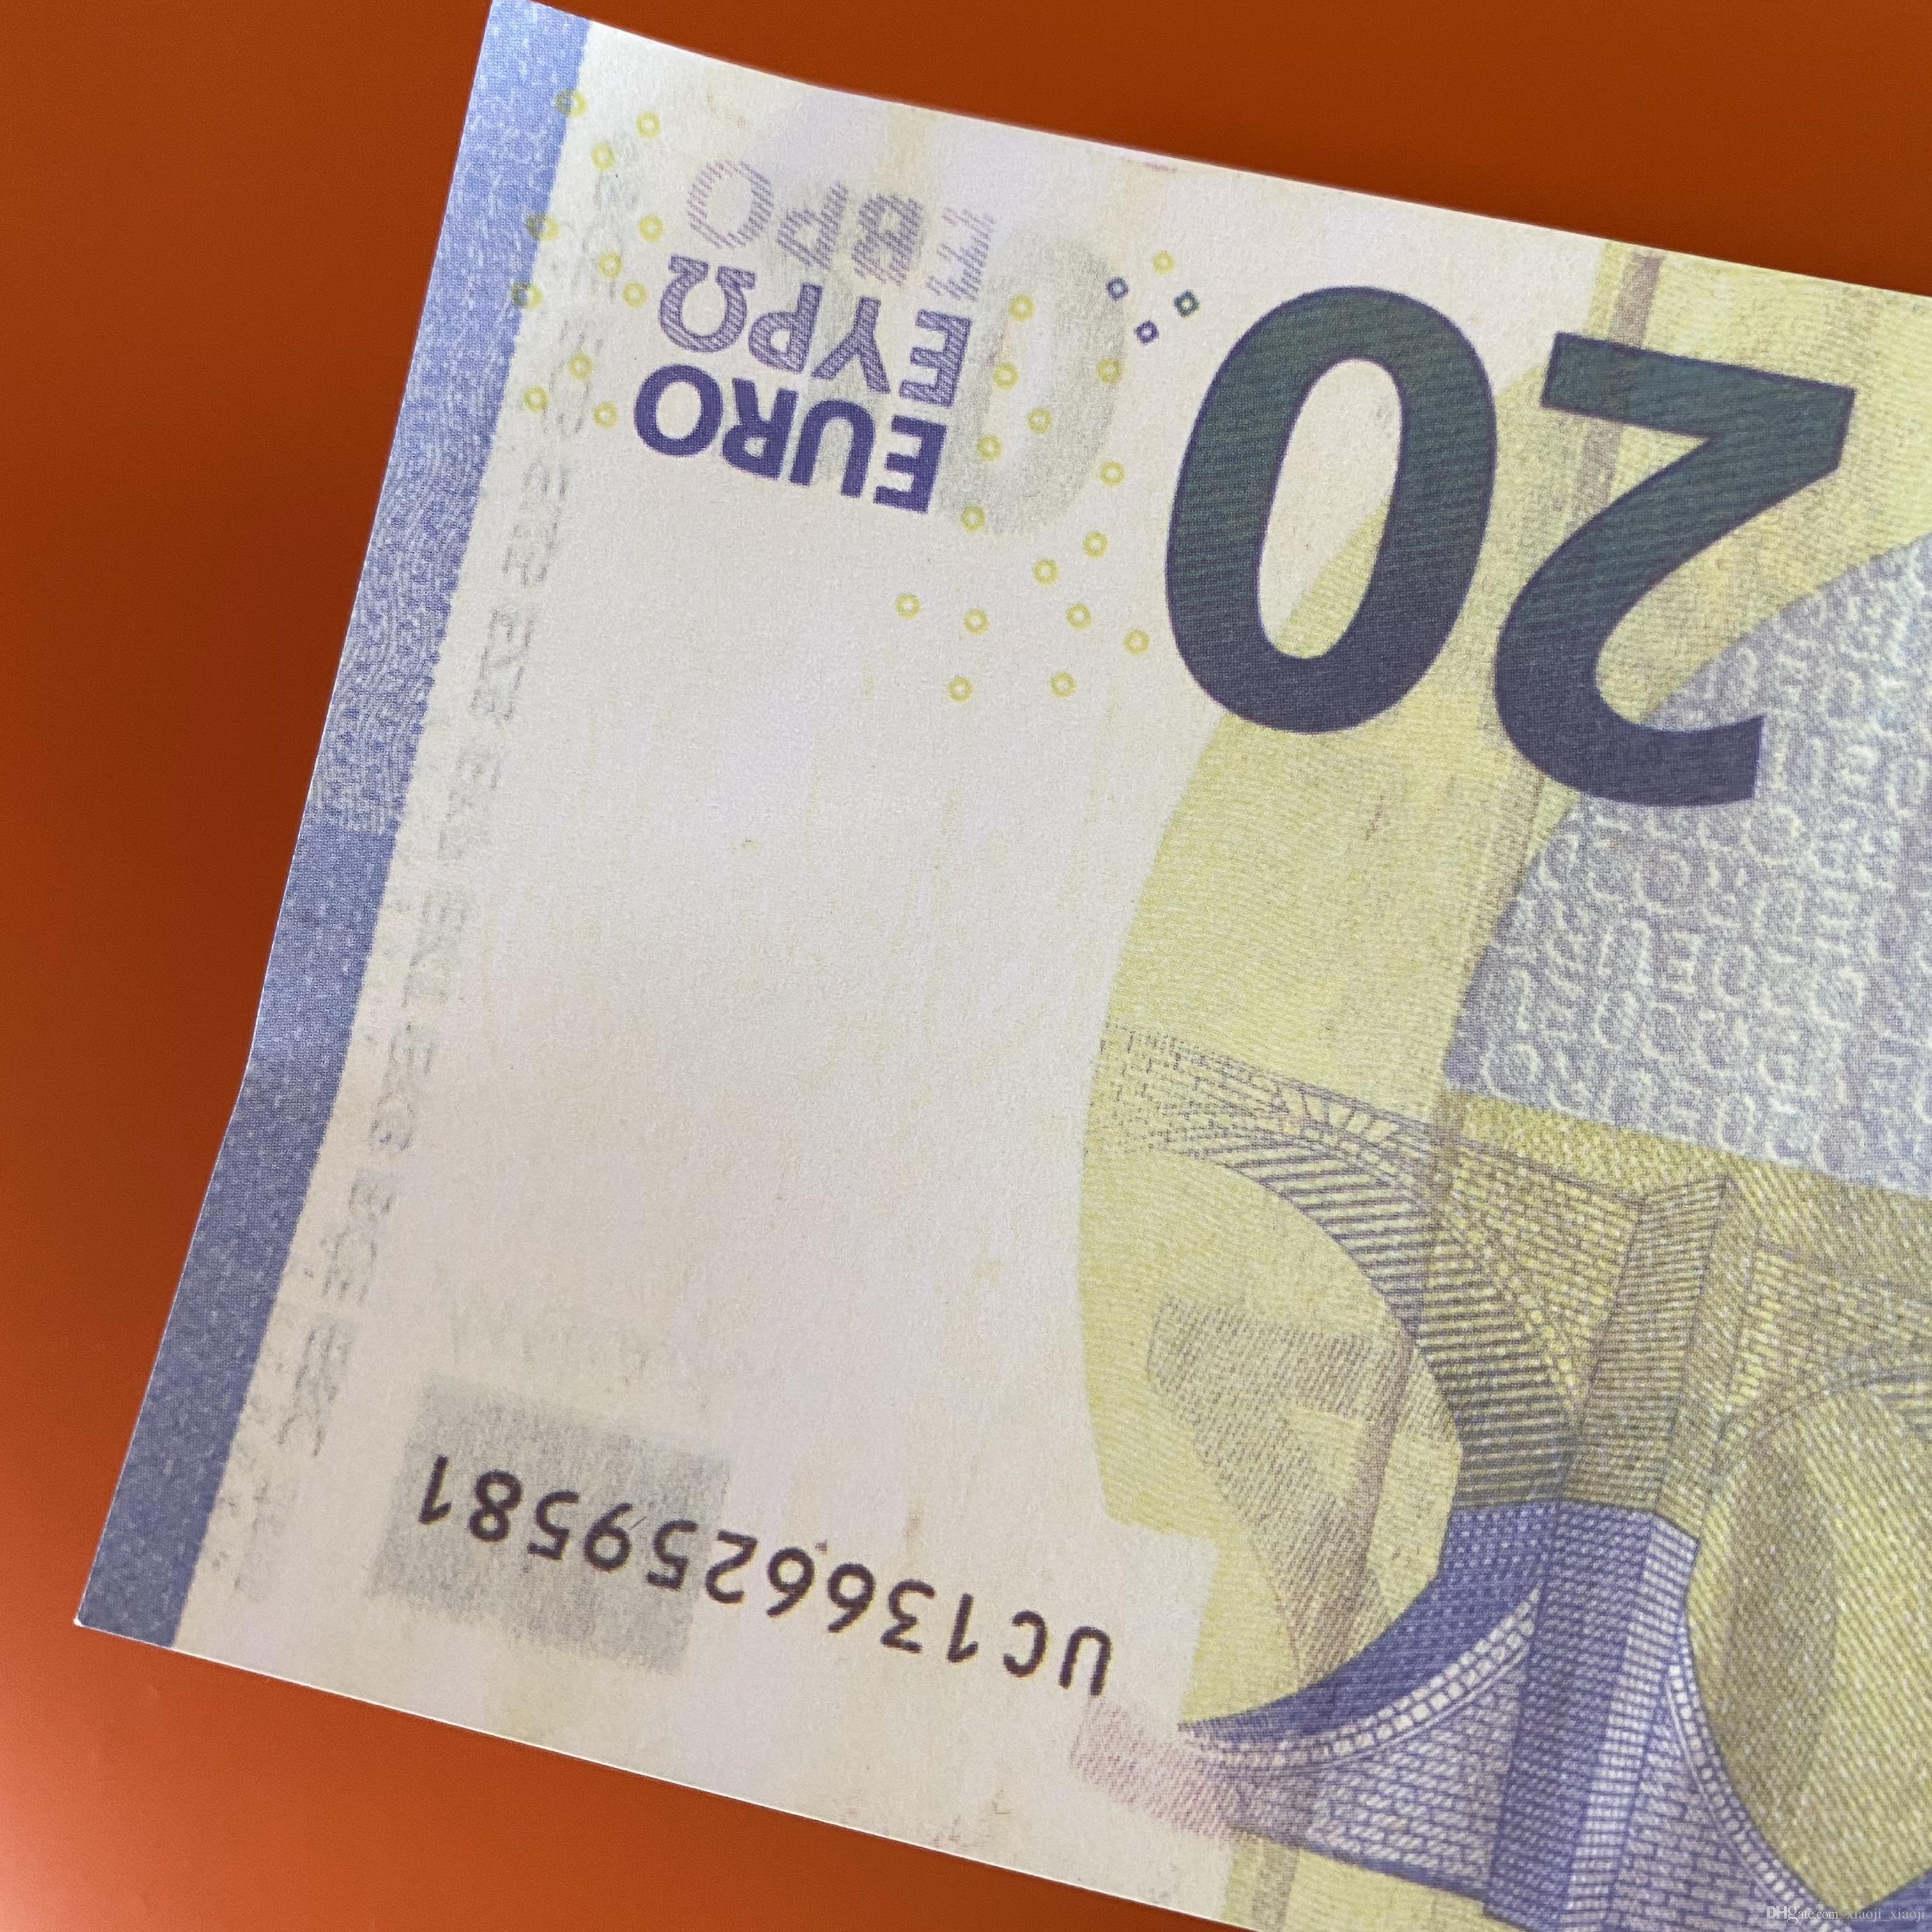 Carta 100pcs / pack o banconota Gioco realistico Prop / Euro / Dollaro Mostro dei bambini Soldi per bambini Copia la famiglia Toy191 NDXBW